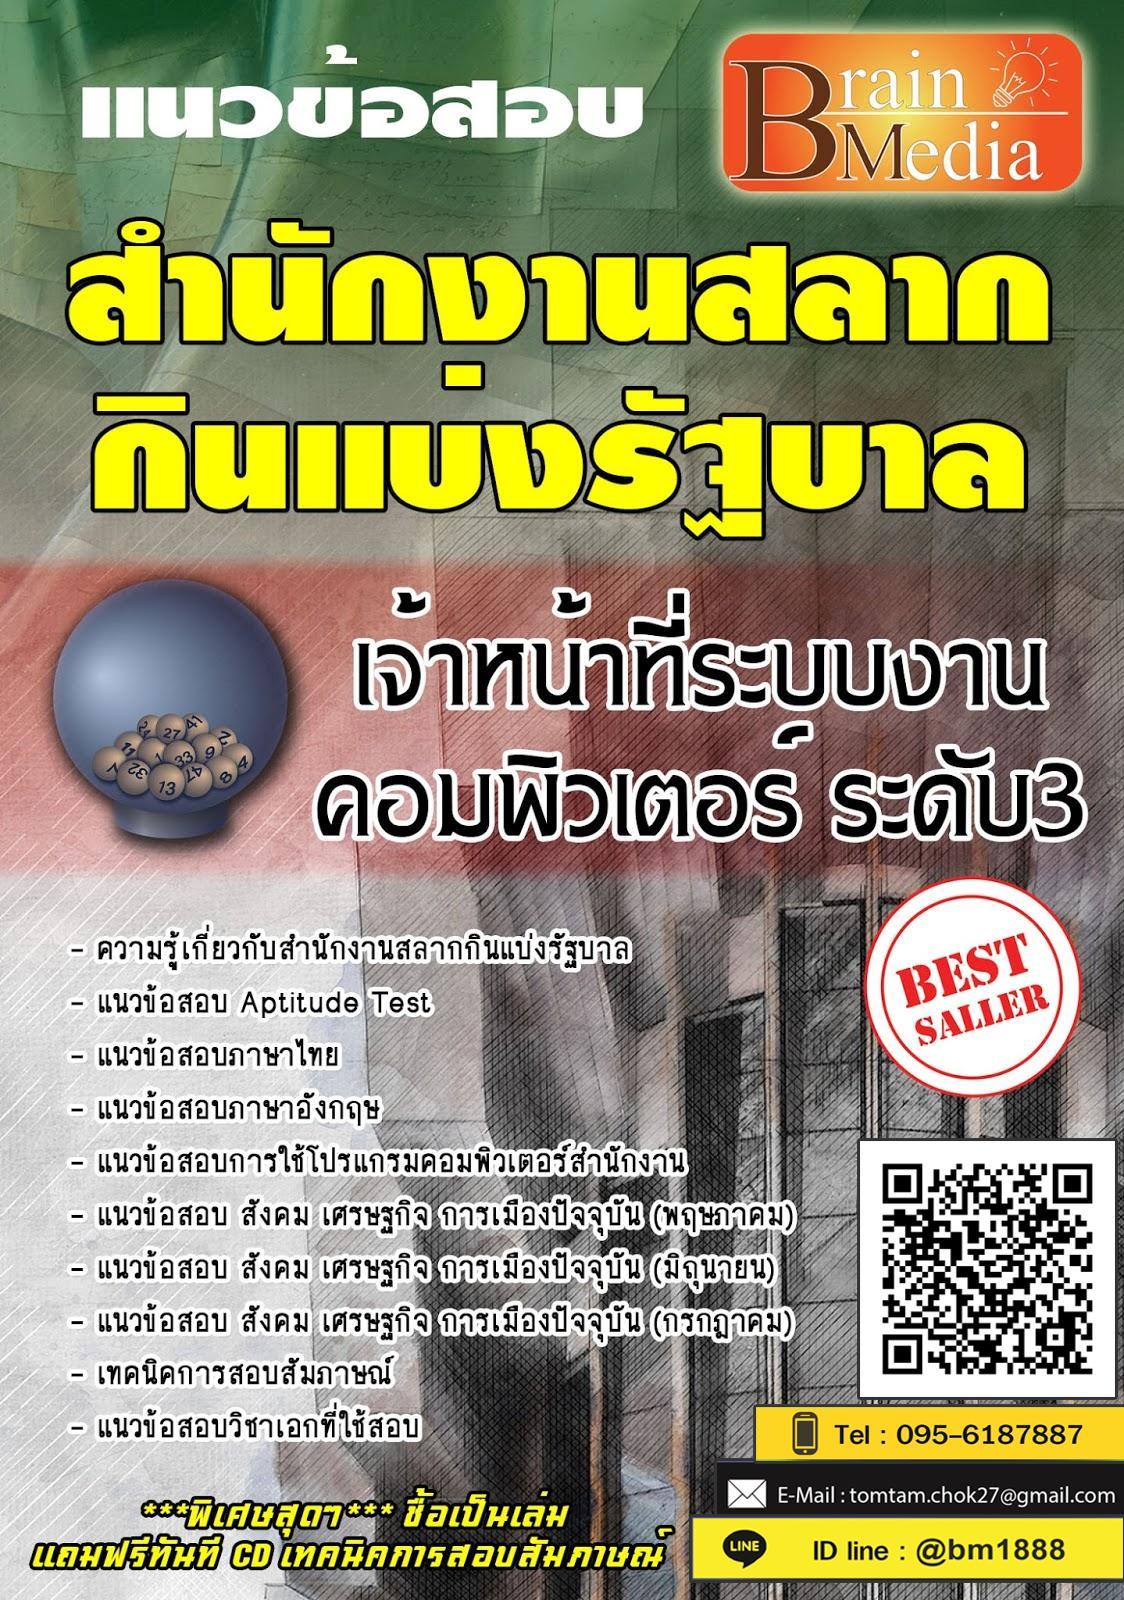 สรุปแนวข้อสอบ(พร้อมเฉลย) นักวิชาการโสตทัศนศึกษา ระดับ3 สำนักงานสลากกินแบ่งรัฐบาล